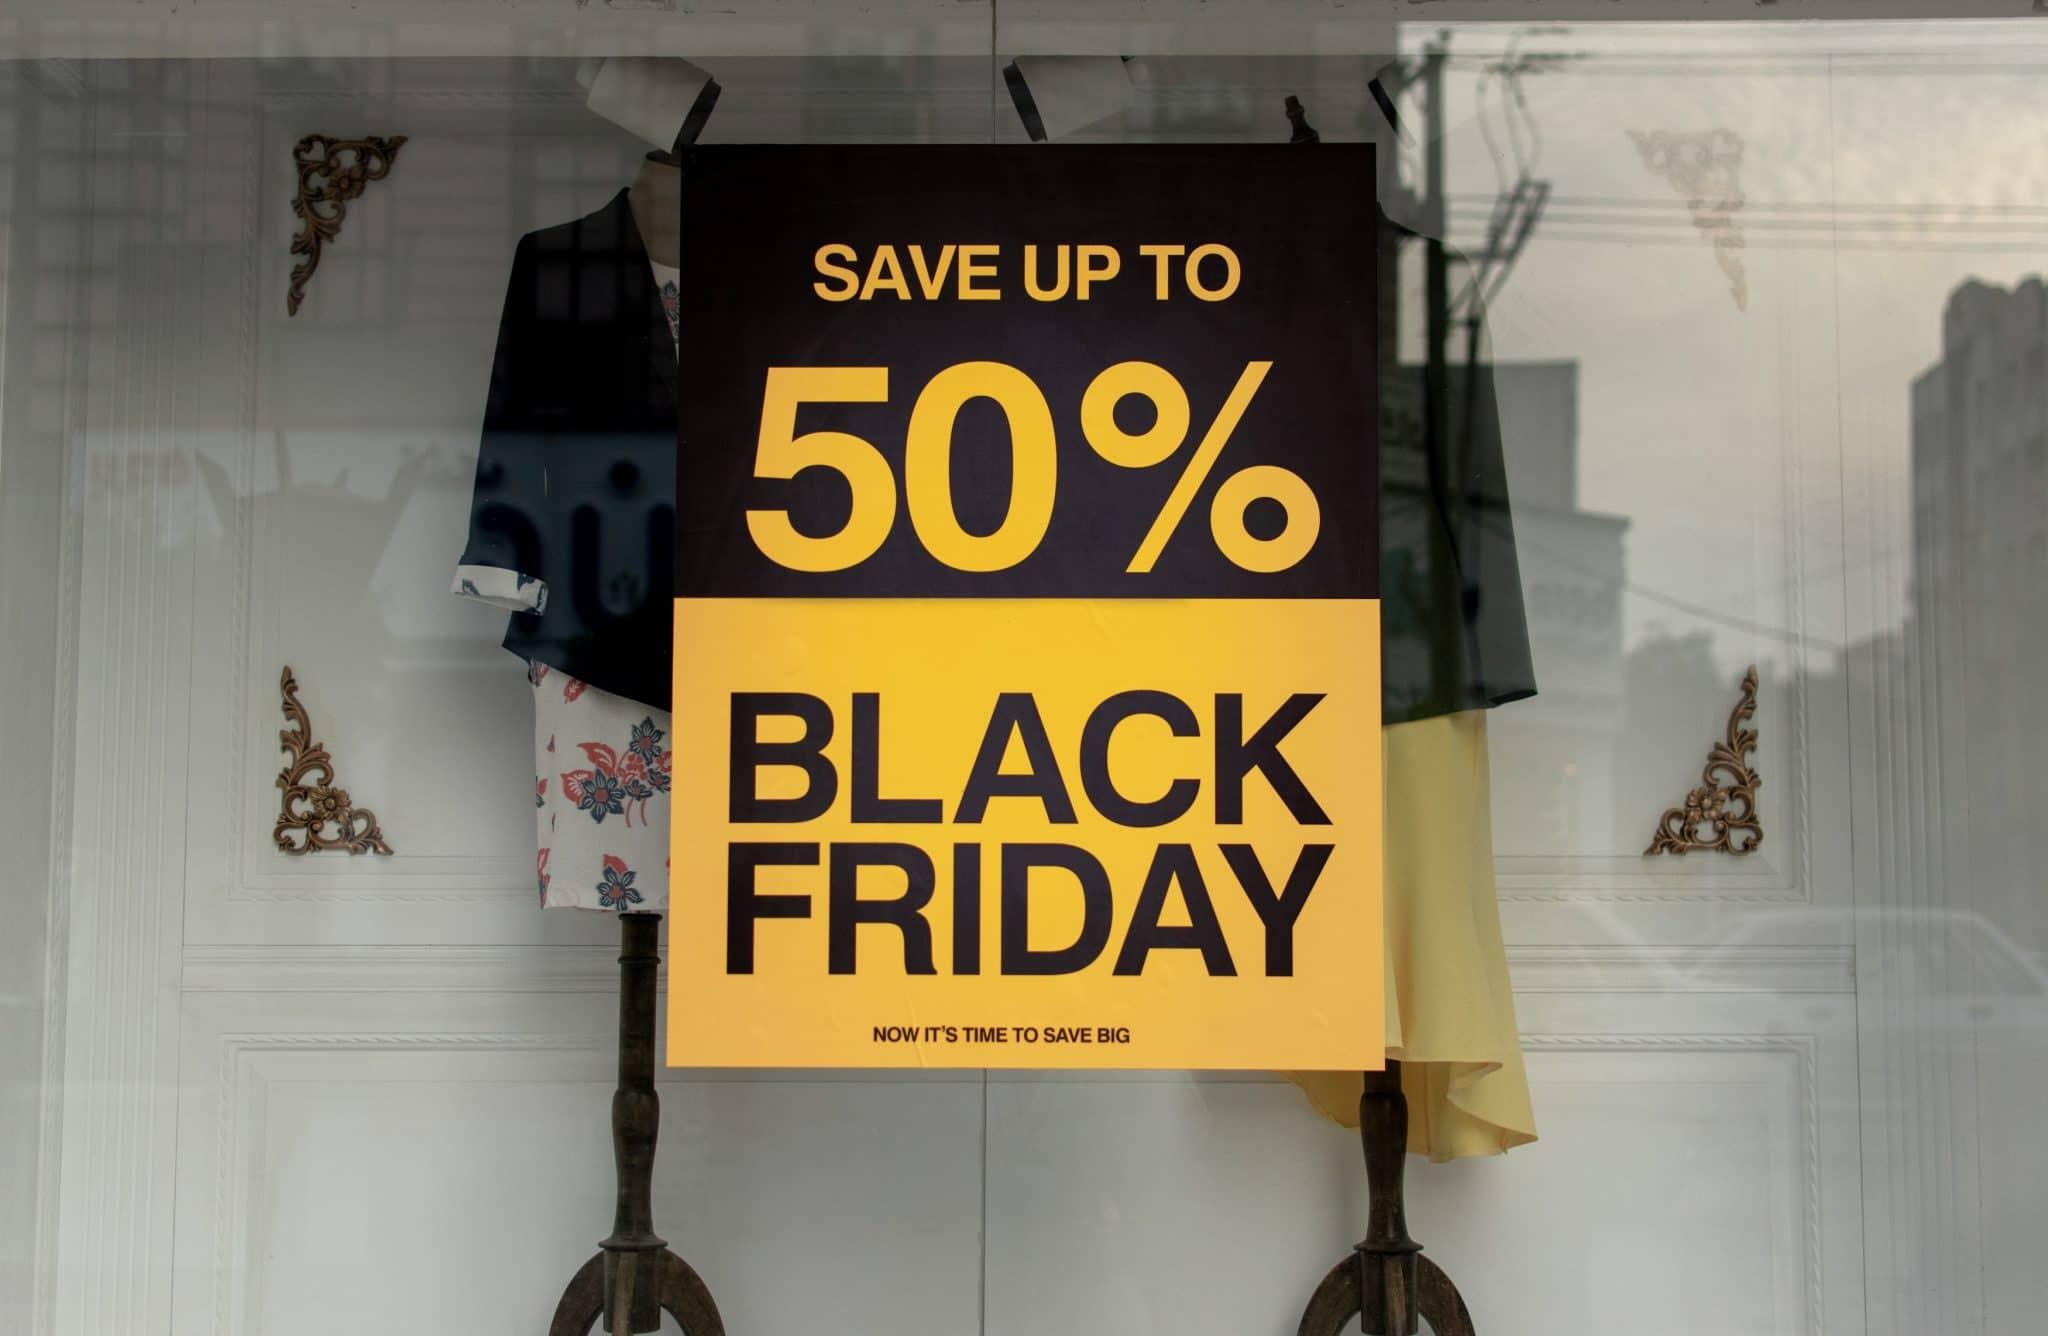 Klantenservice ondersteuning voor Black Friday